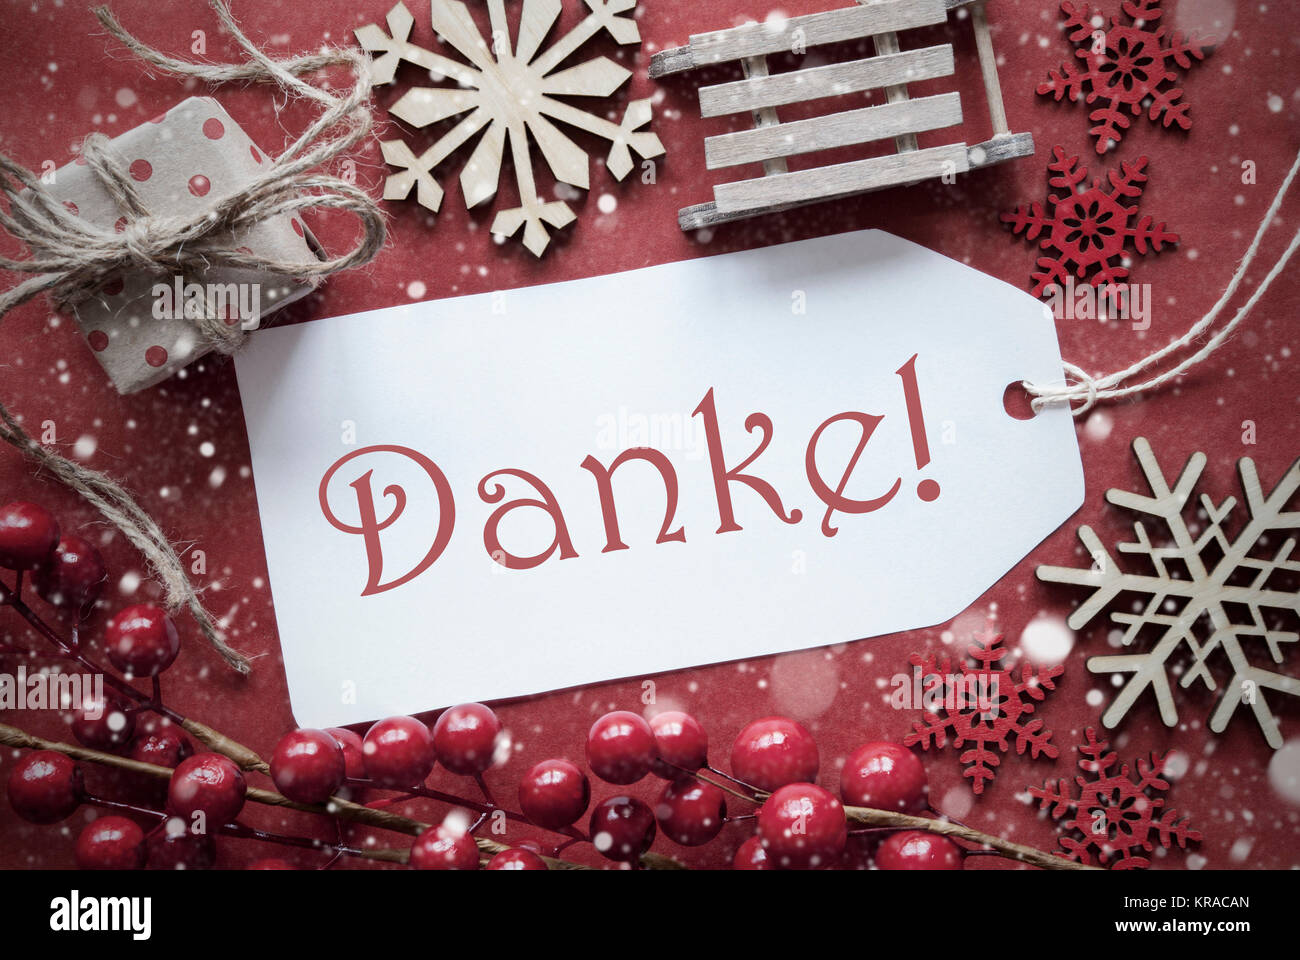 Nostalgische Weihnachten Dekoration Wie Geschenk Oder